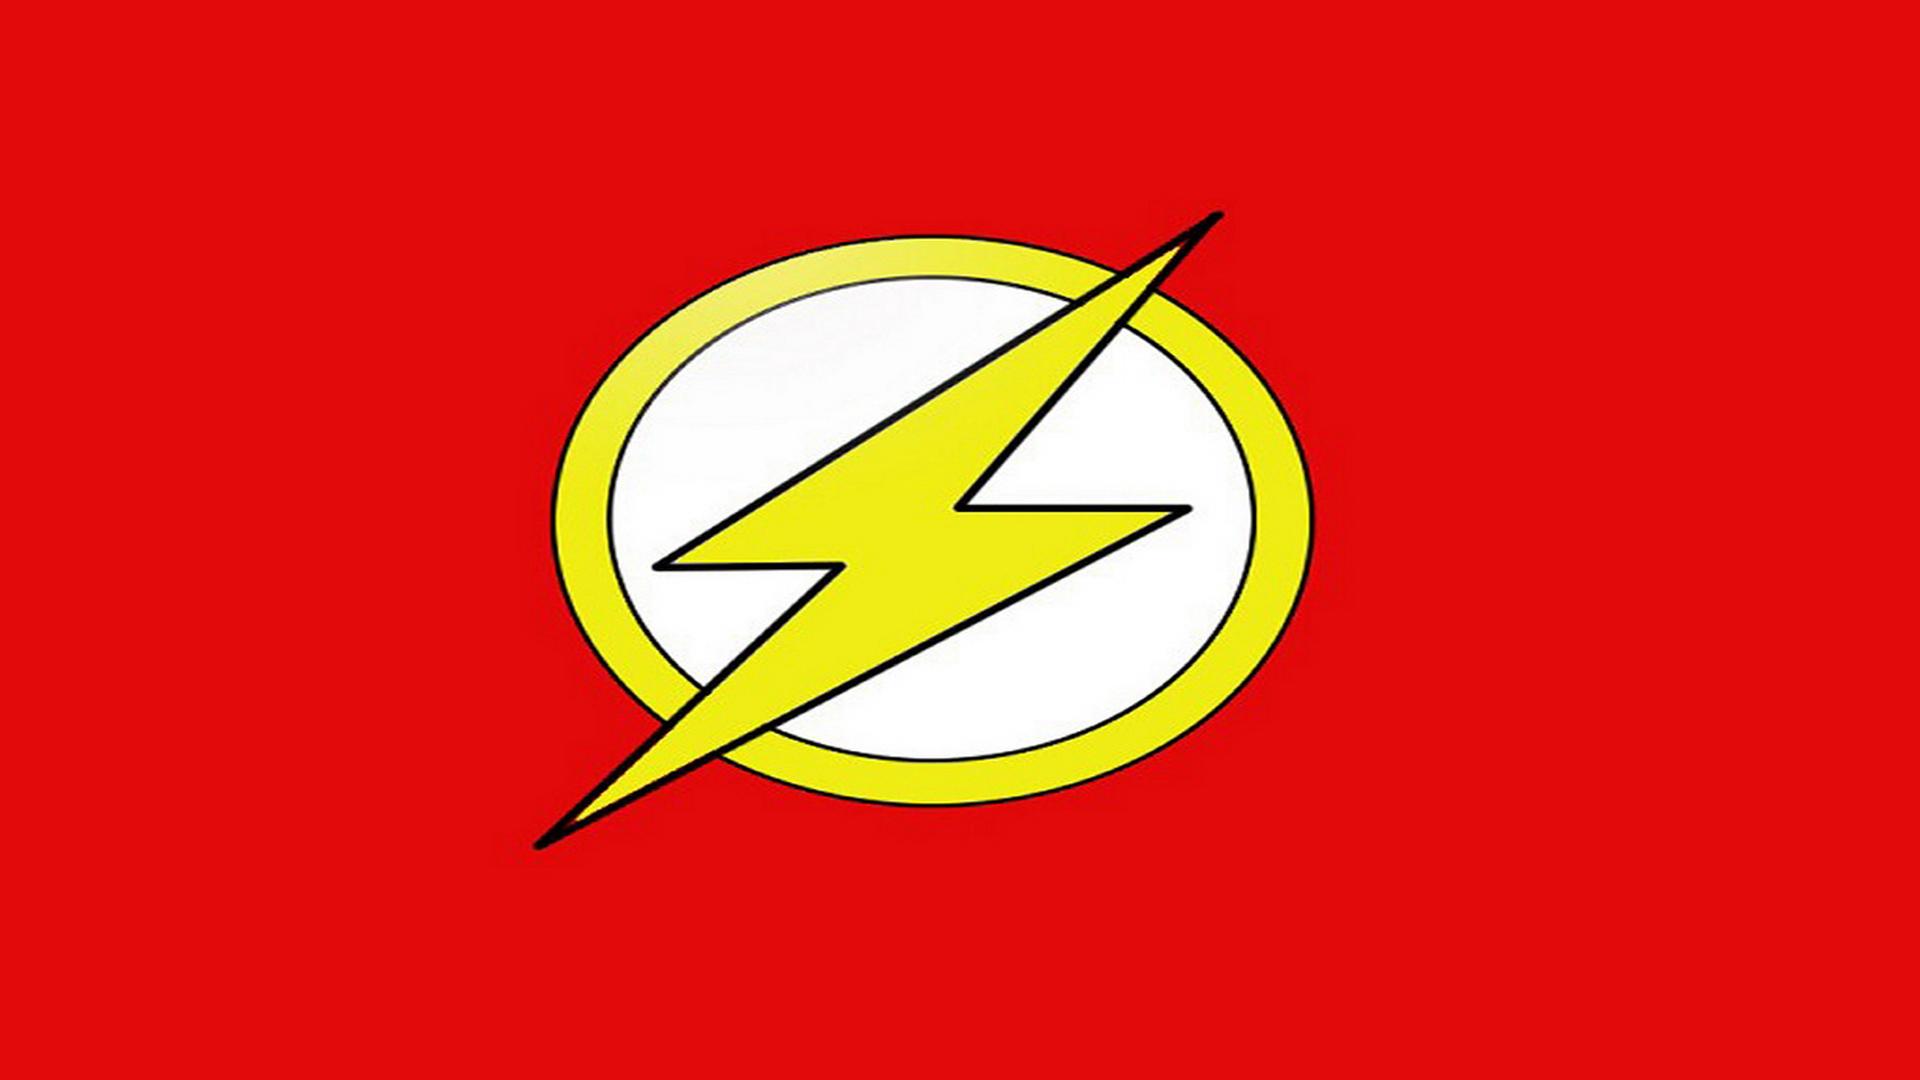 Flash logo dc comics 251206 1024 768 Wallpaper HD Desktop Wallpapers 1920x1080